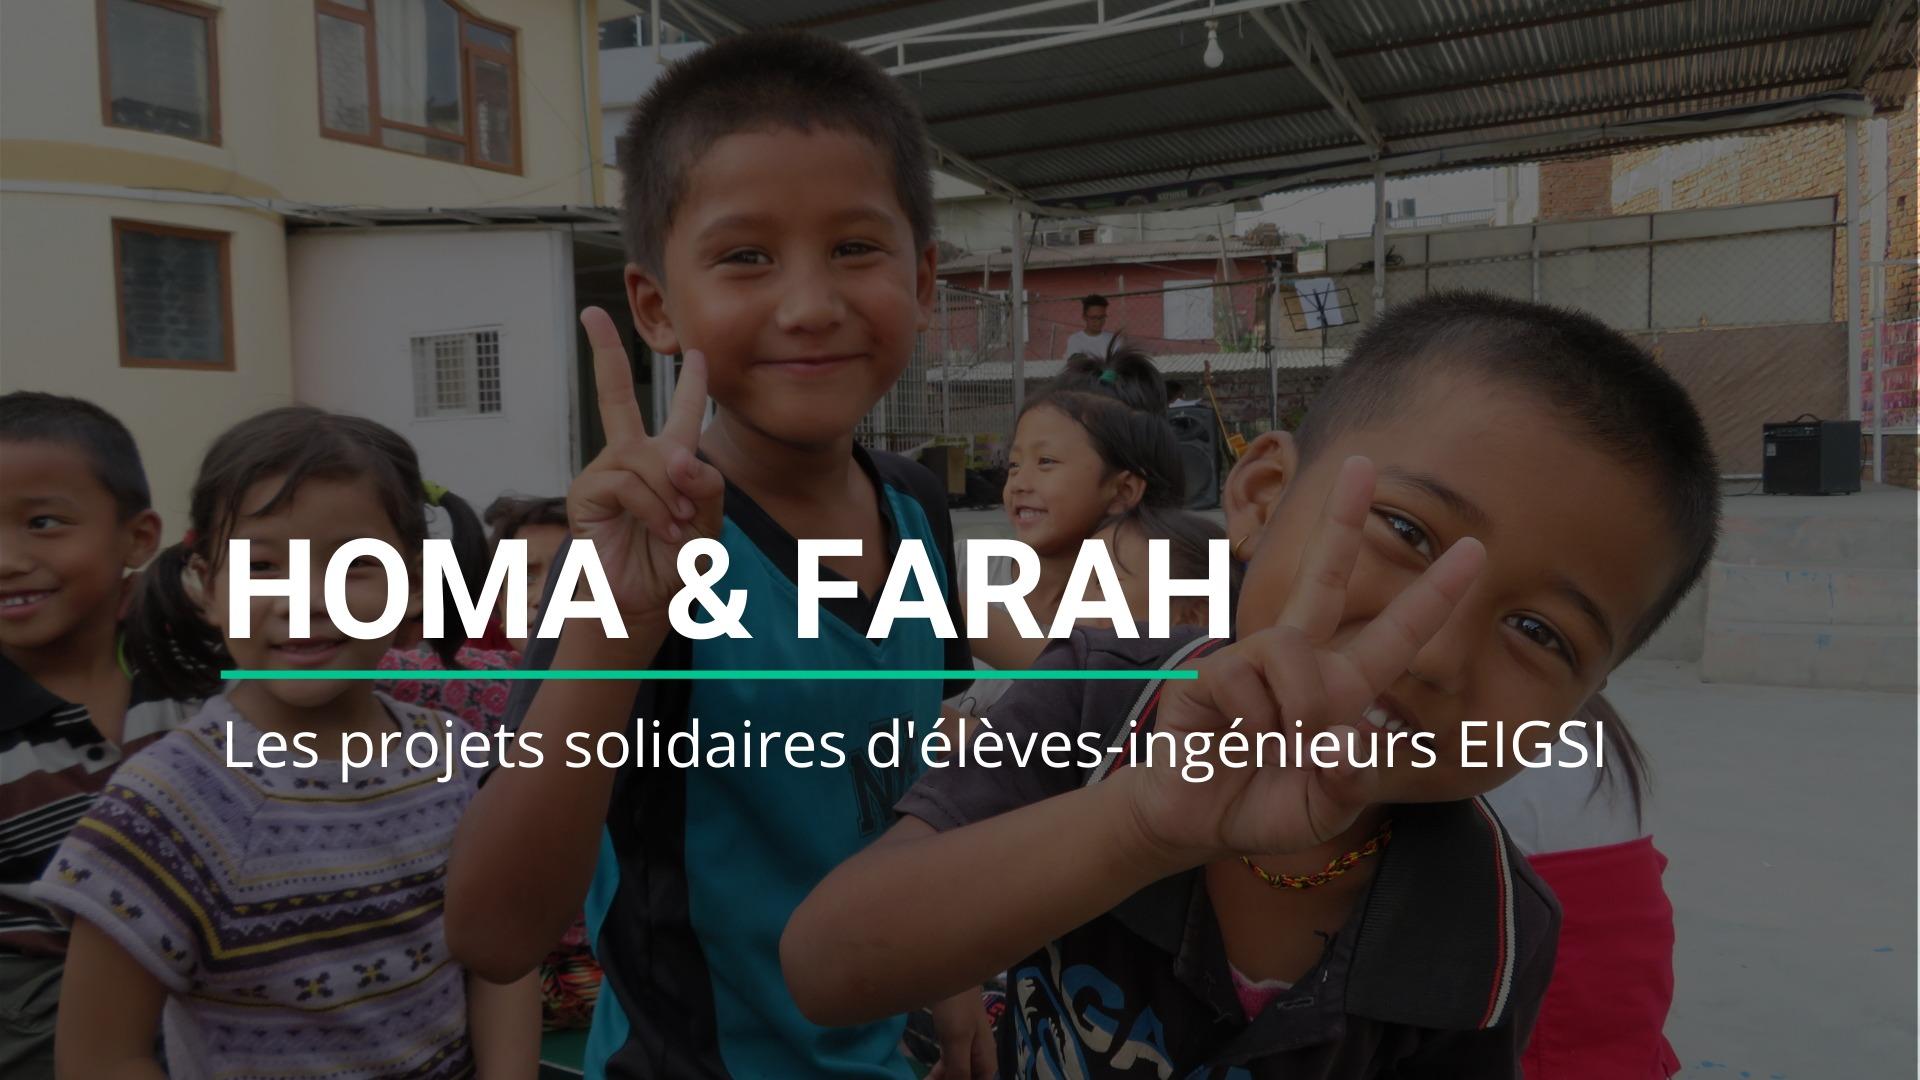 Homa et Farah